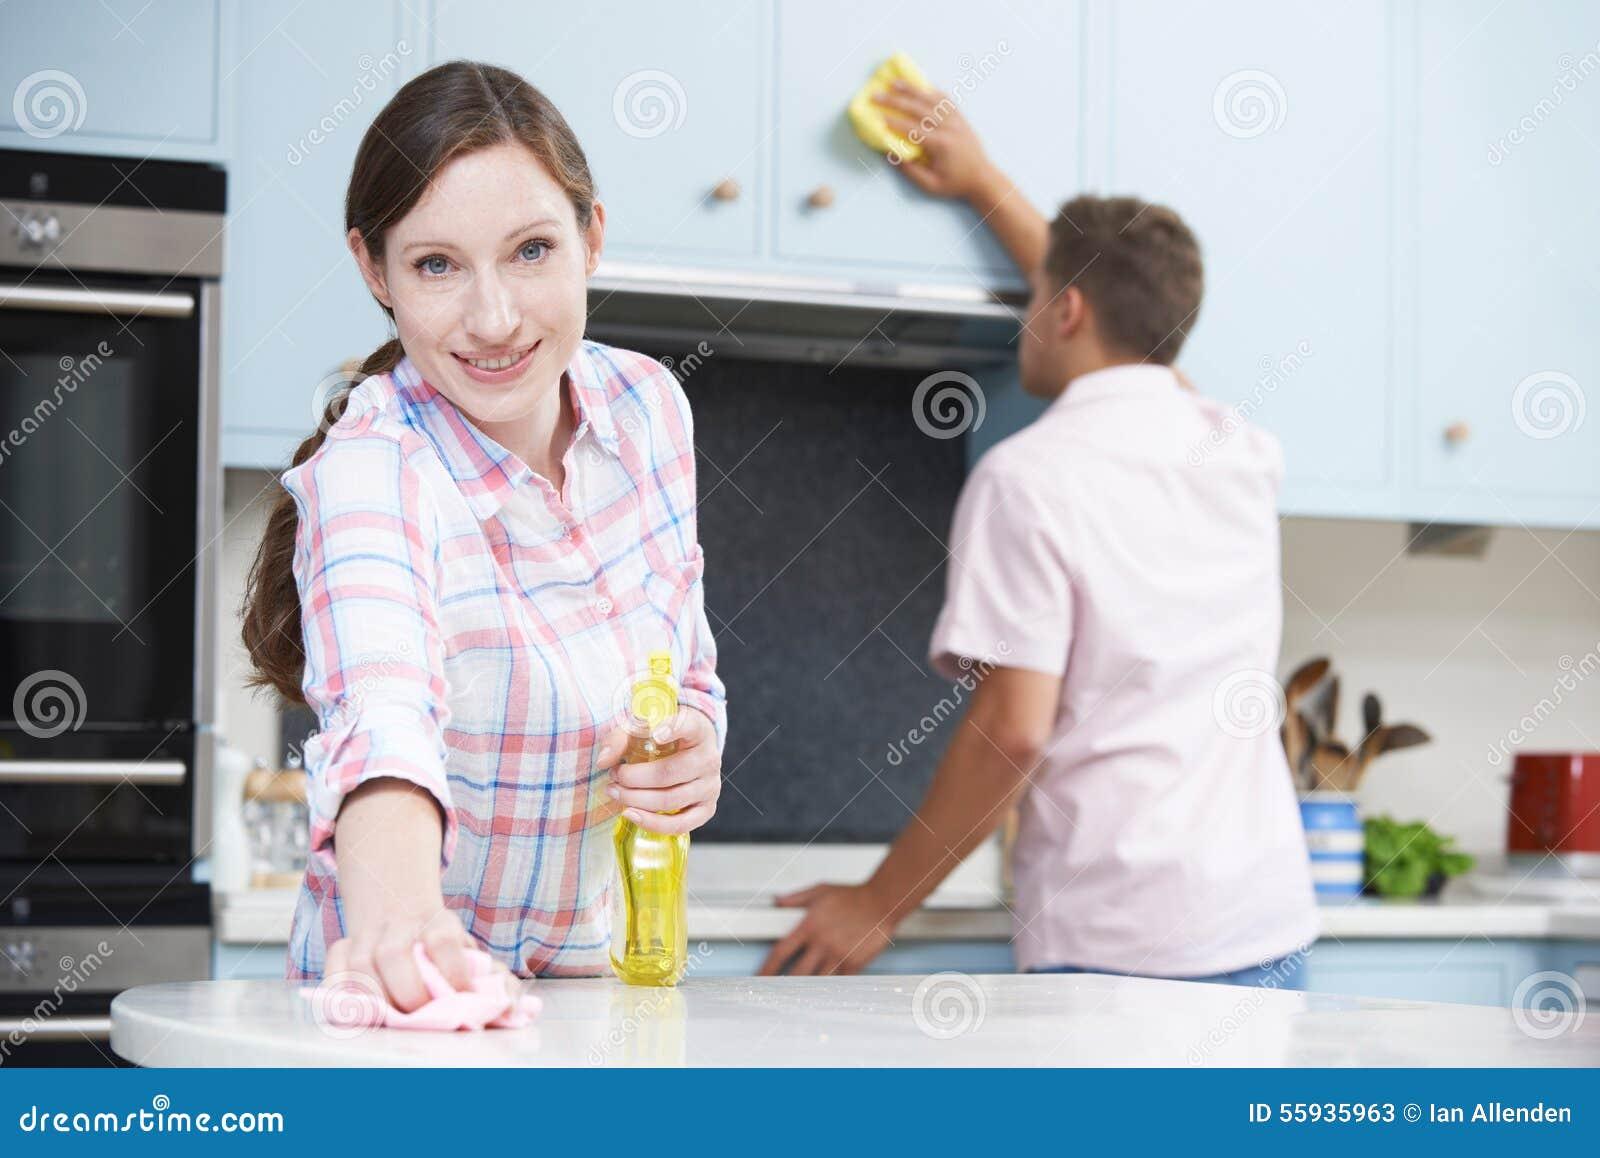 Nettoyer Les Placards De Cuisine surfaces et placards de cuisine de nettoyage de couples